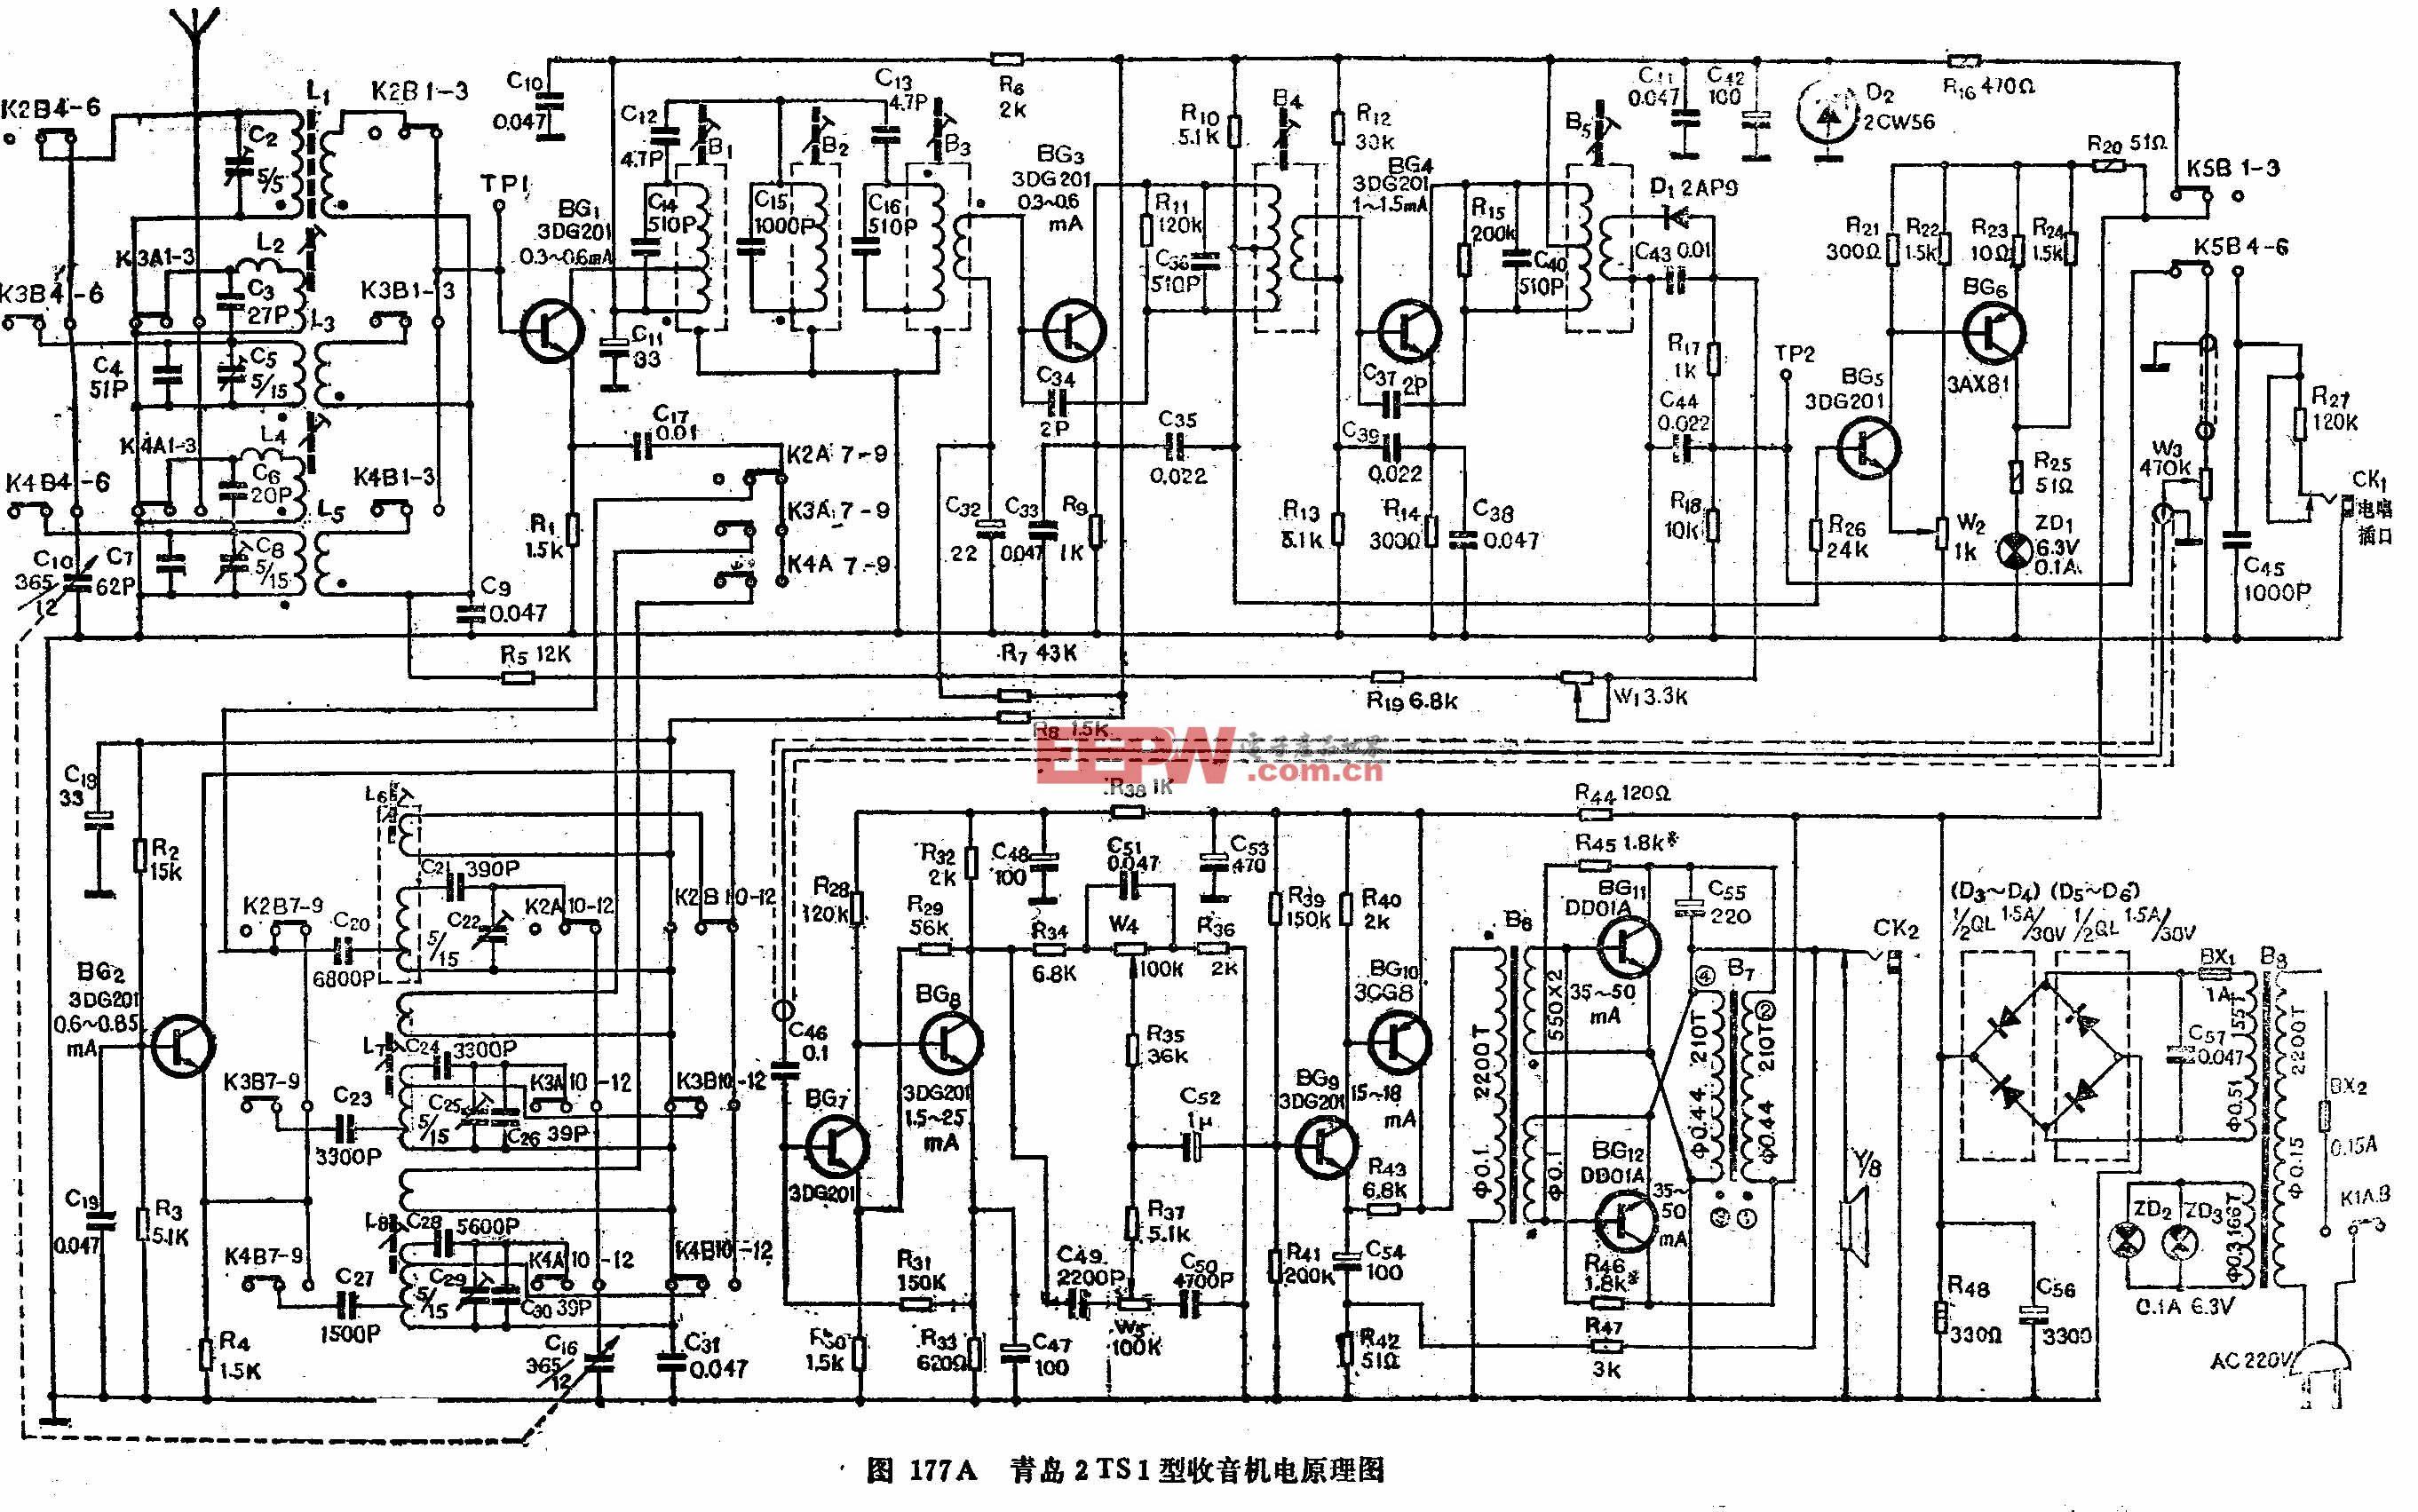 十二晶体管二、三波段收音机-青岛牌2TS1型收音机